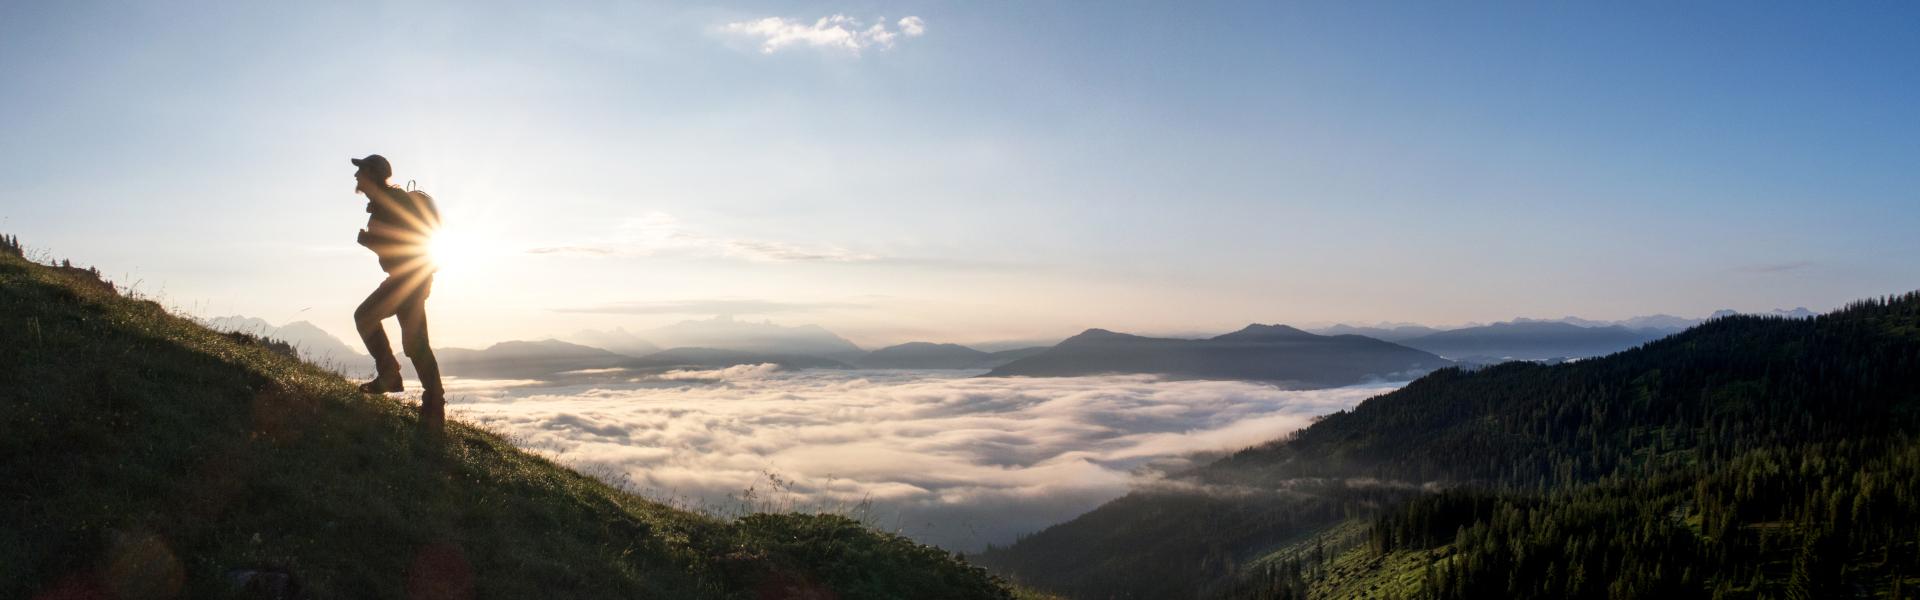 Wanderer bei Sonnenaufgang, Wolkendecke über Tal, Blauer Himmel